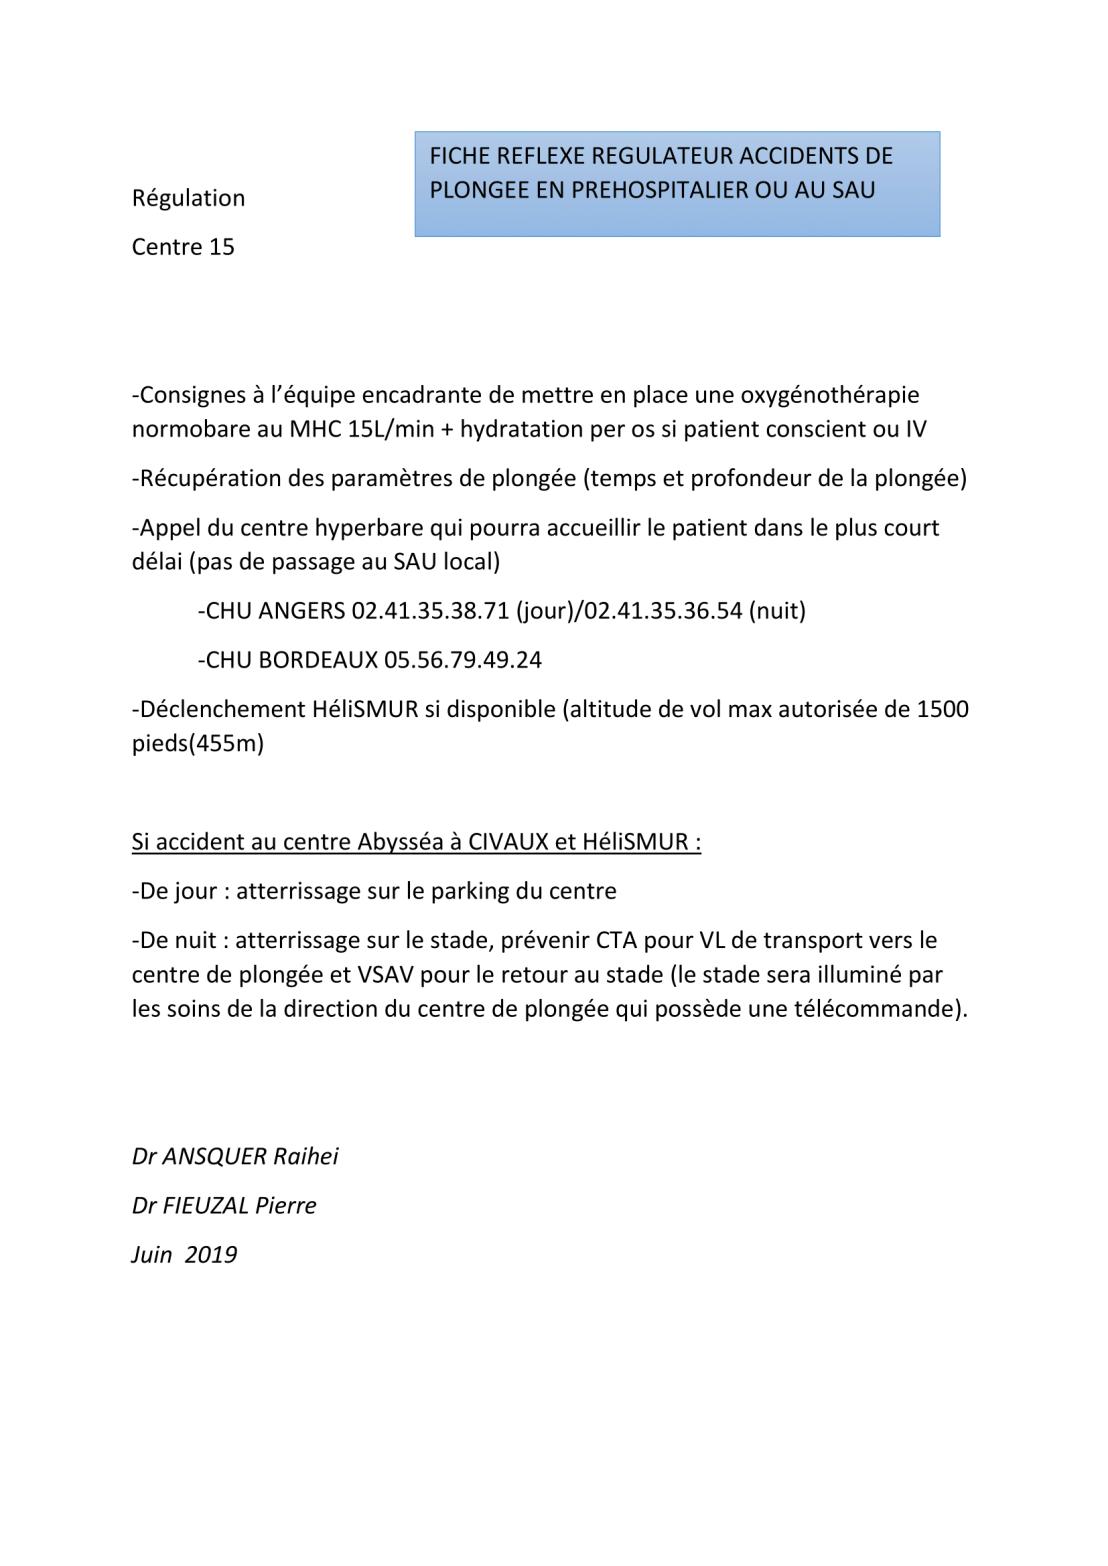 fiche reflexe regulateur 2 (1)-1